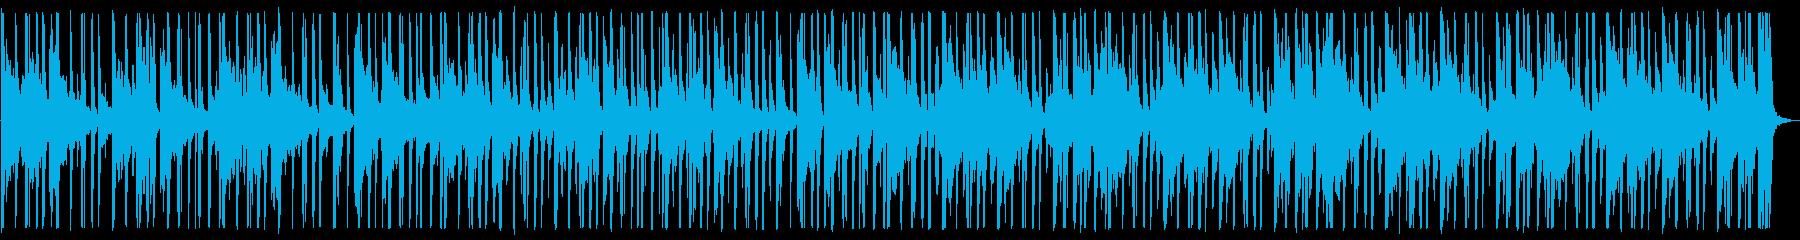 冬/切ない/R&B_No483_3の再生済みの波形